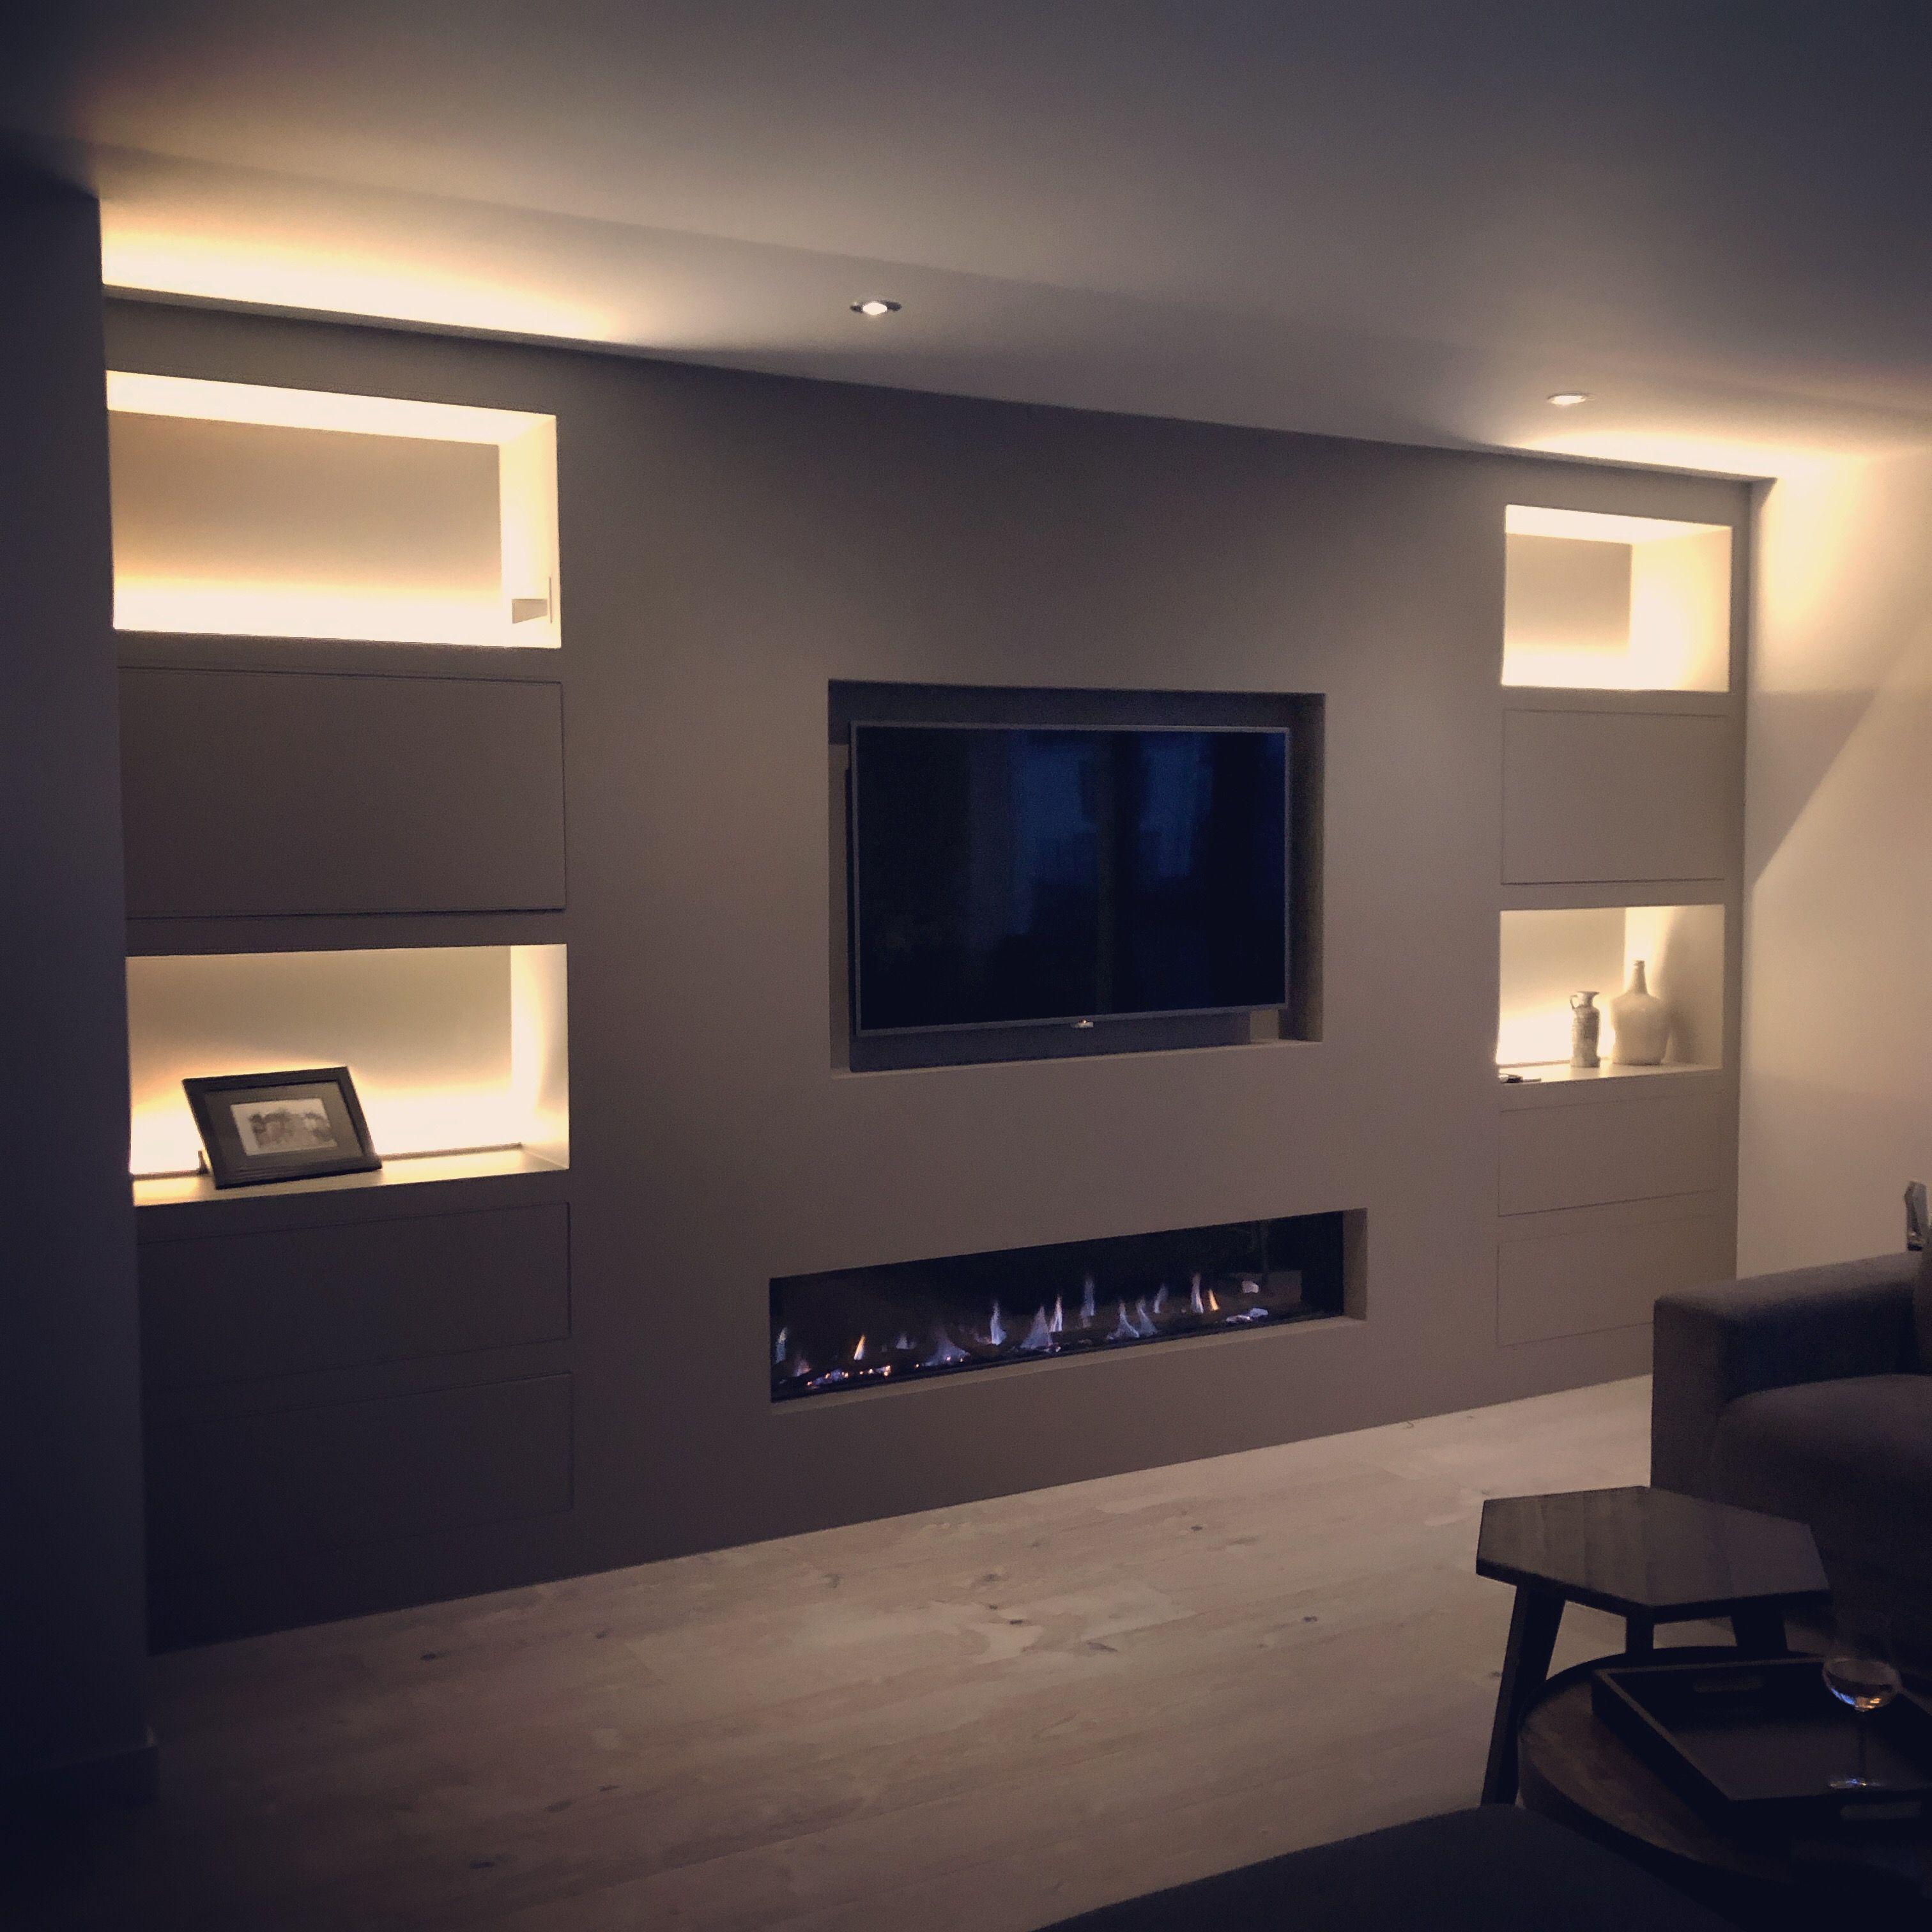 Onze Nieuwe Tv Hoek Huis Interieur Interieur Woonkamer Huis Ideeen Decoratie